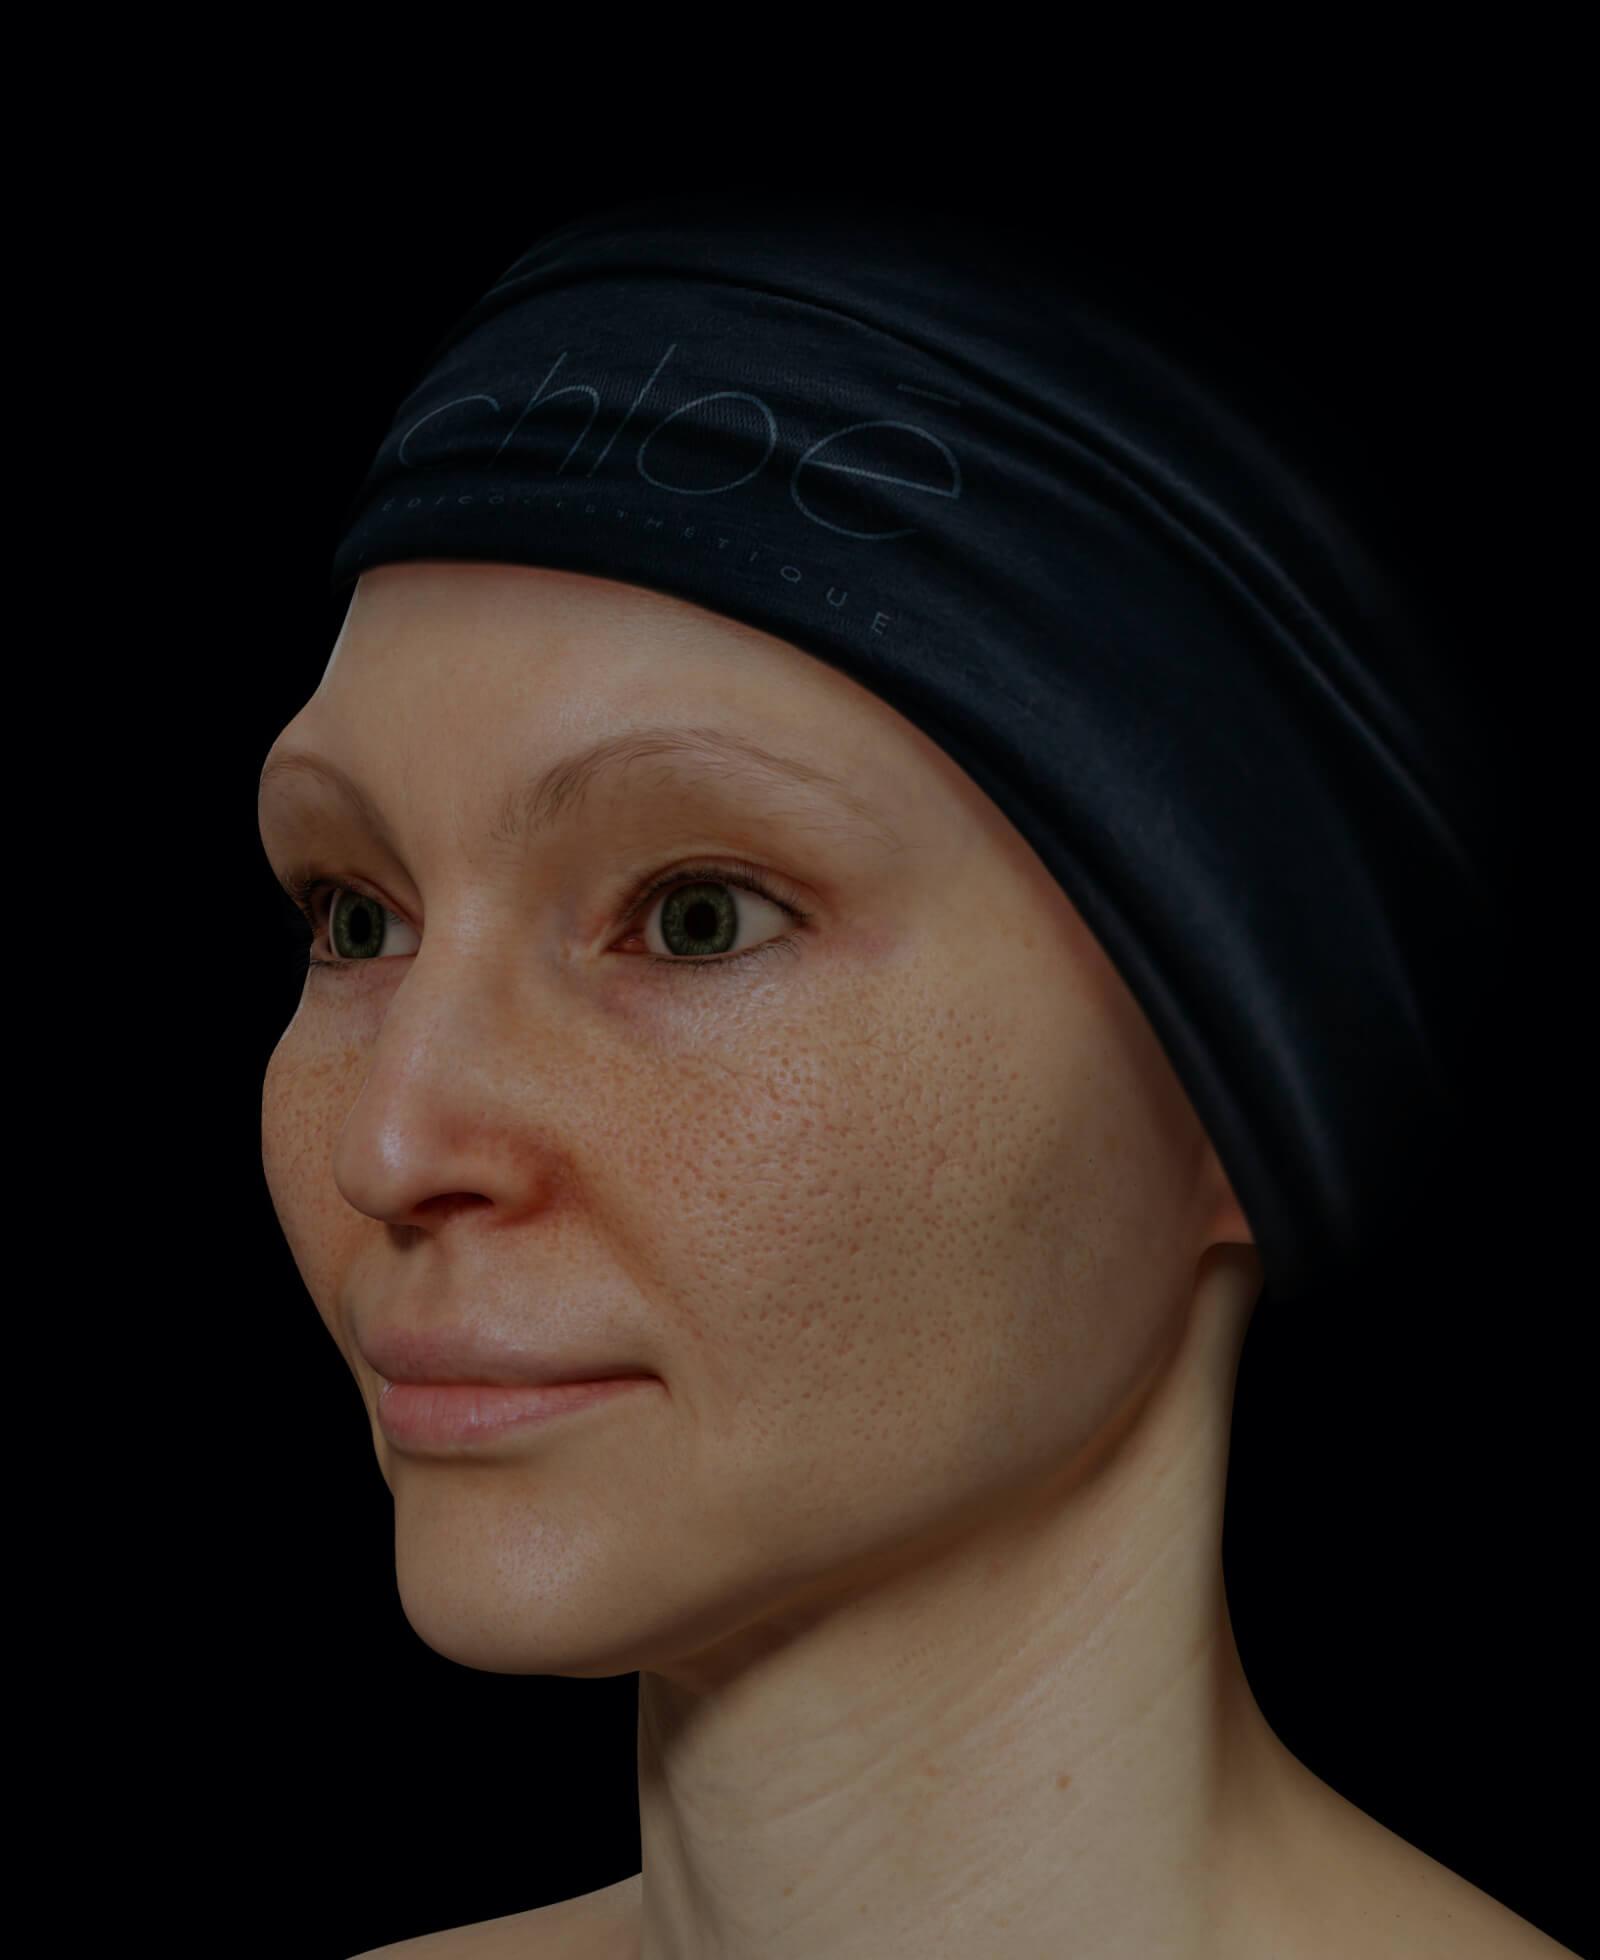 Patiente de la Clinique Chloé ayant des pores dilatés sur le visage